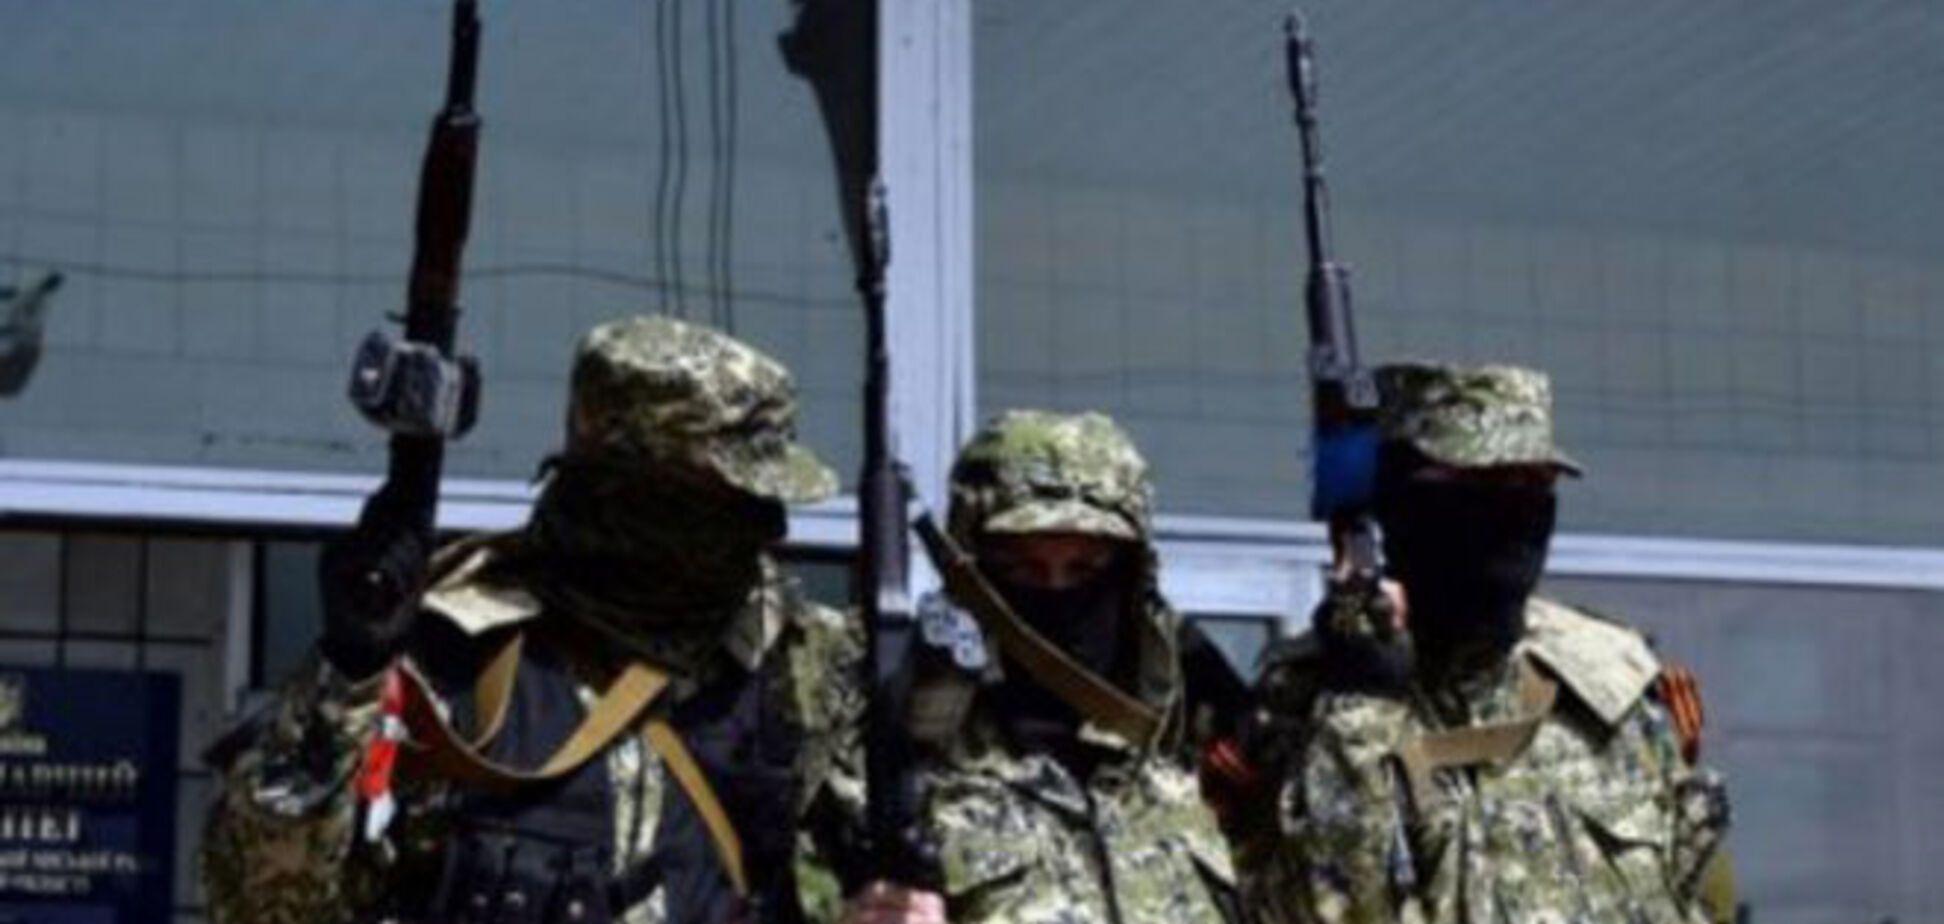 Исповедь шахтера: дончанин-патриот признался, зачем работал на 'ДНР'